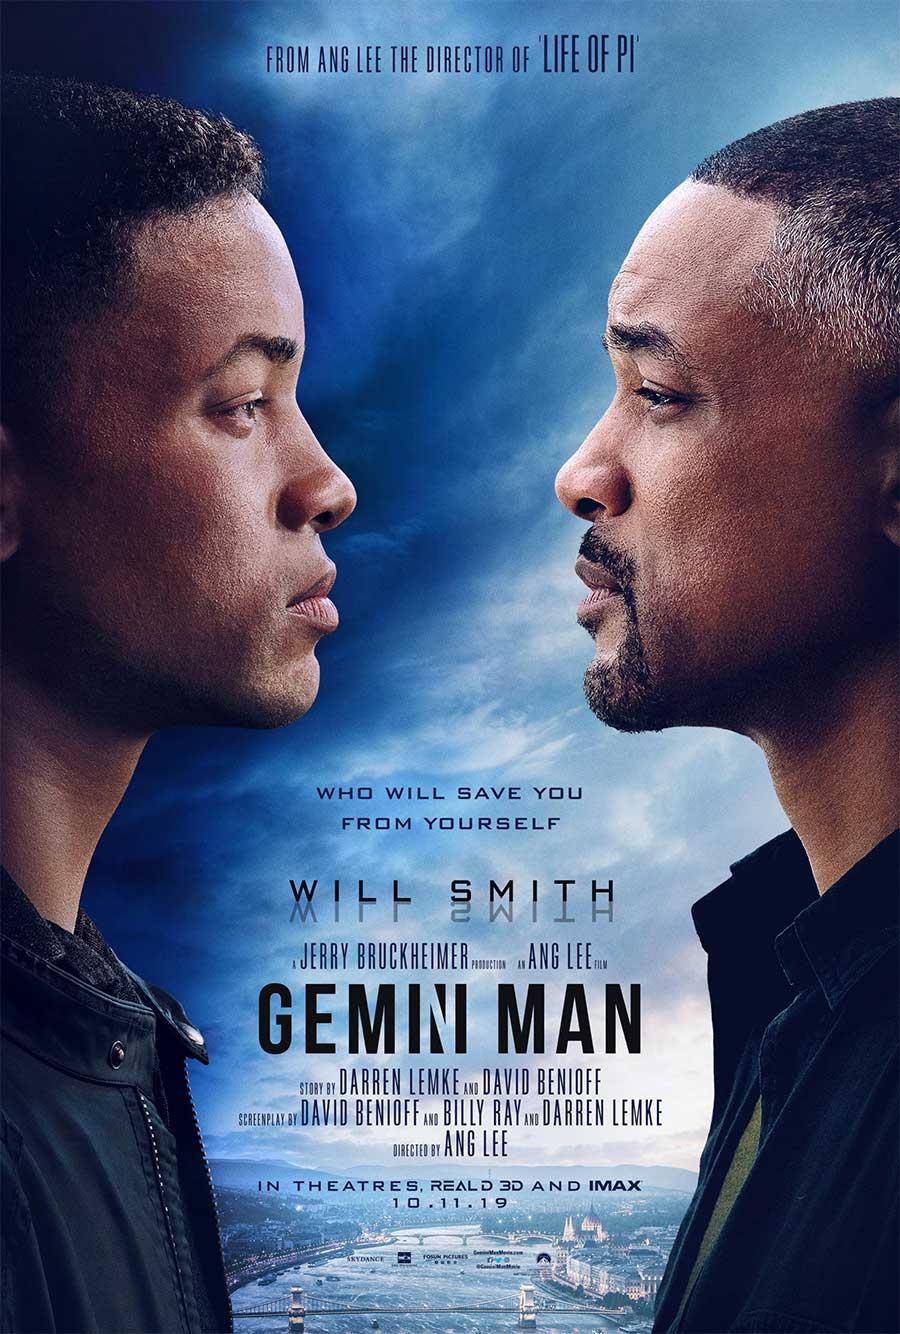 Poster for Gemini Man